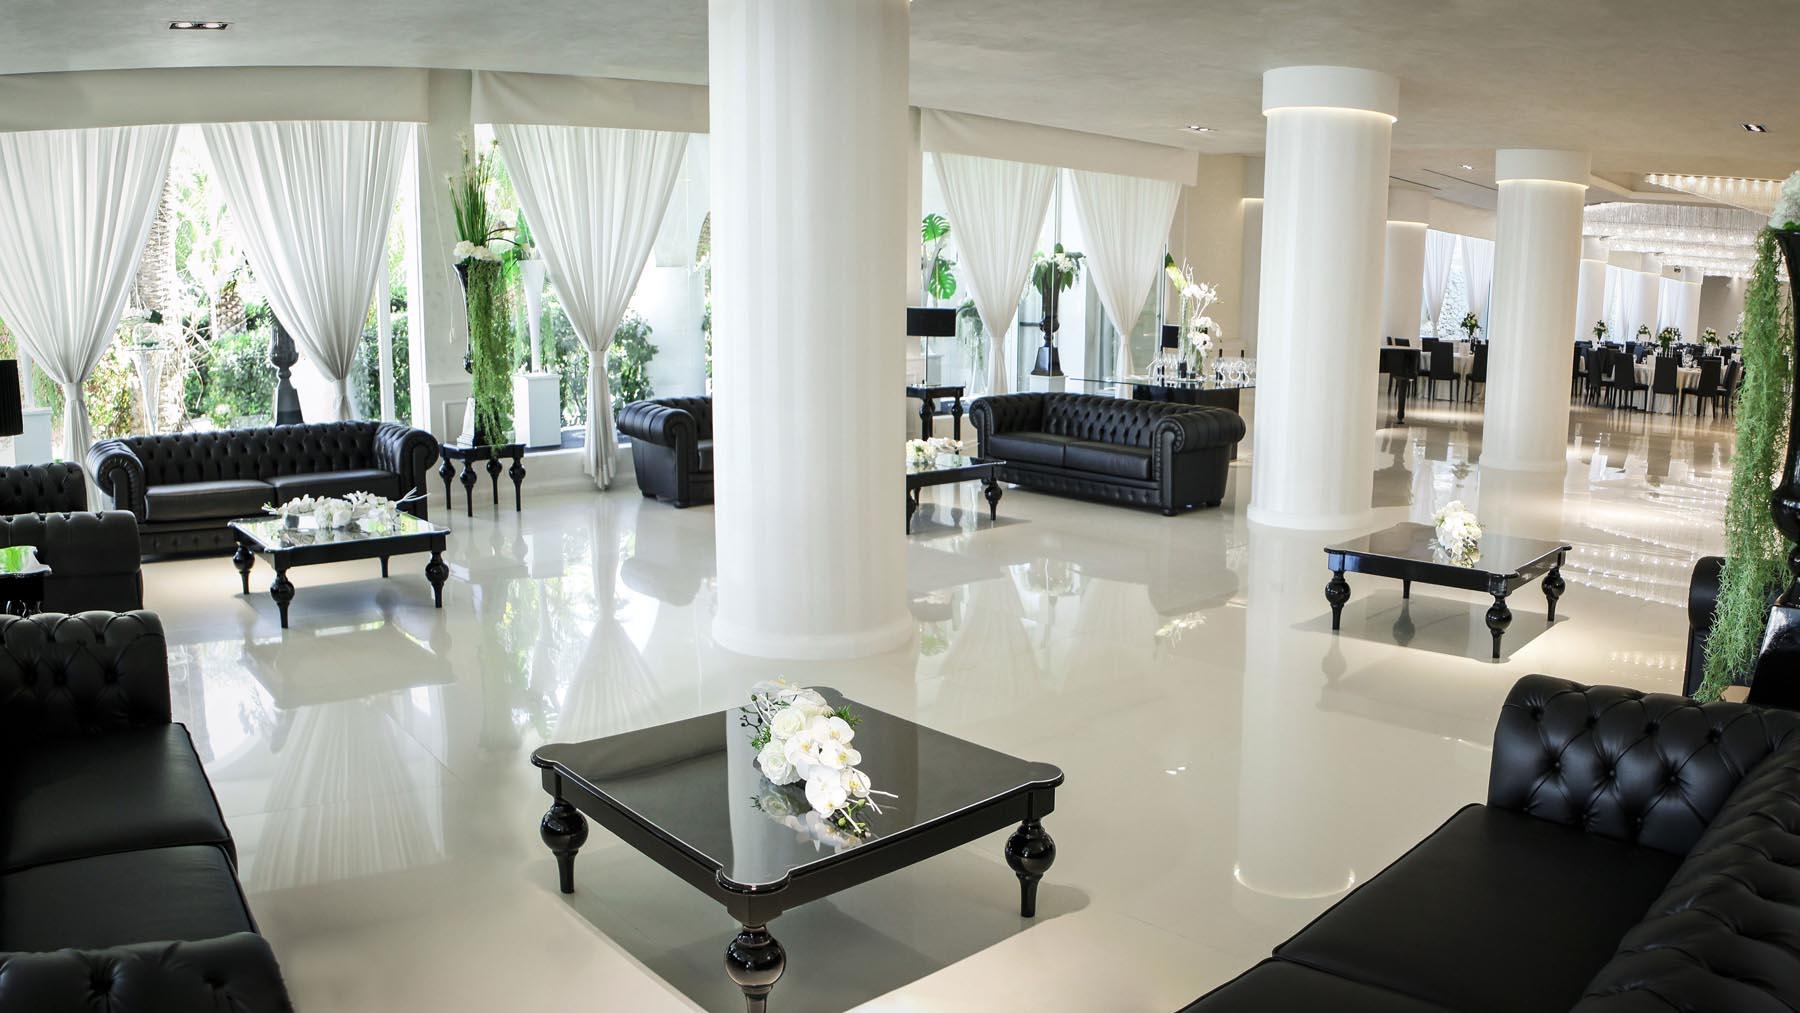 Dea-Ebe-Black-e-White-in-stile-chanel-(7)